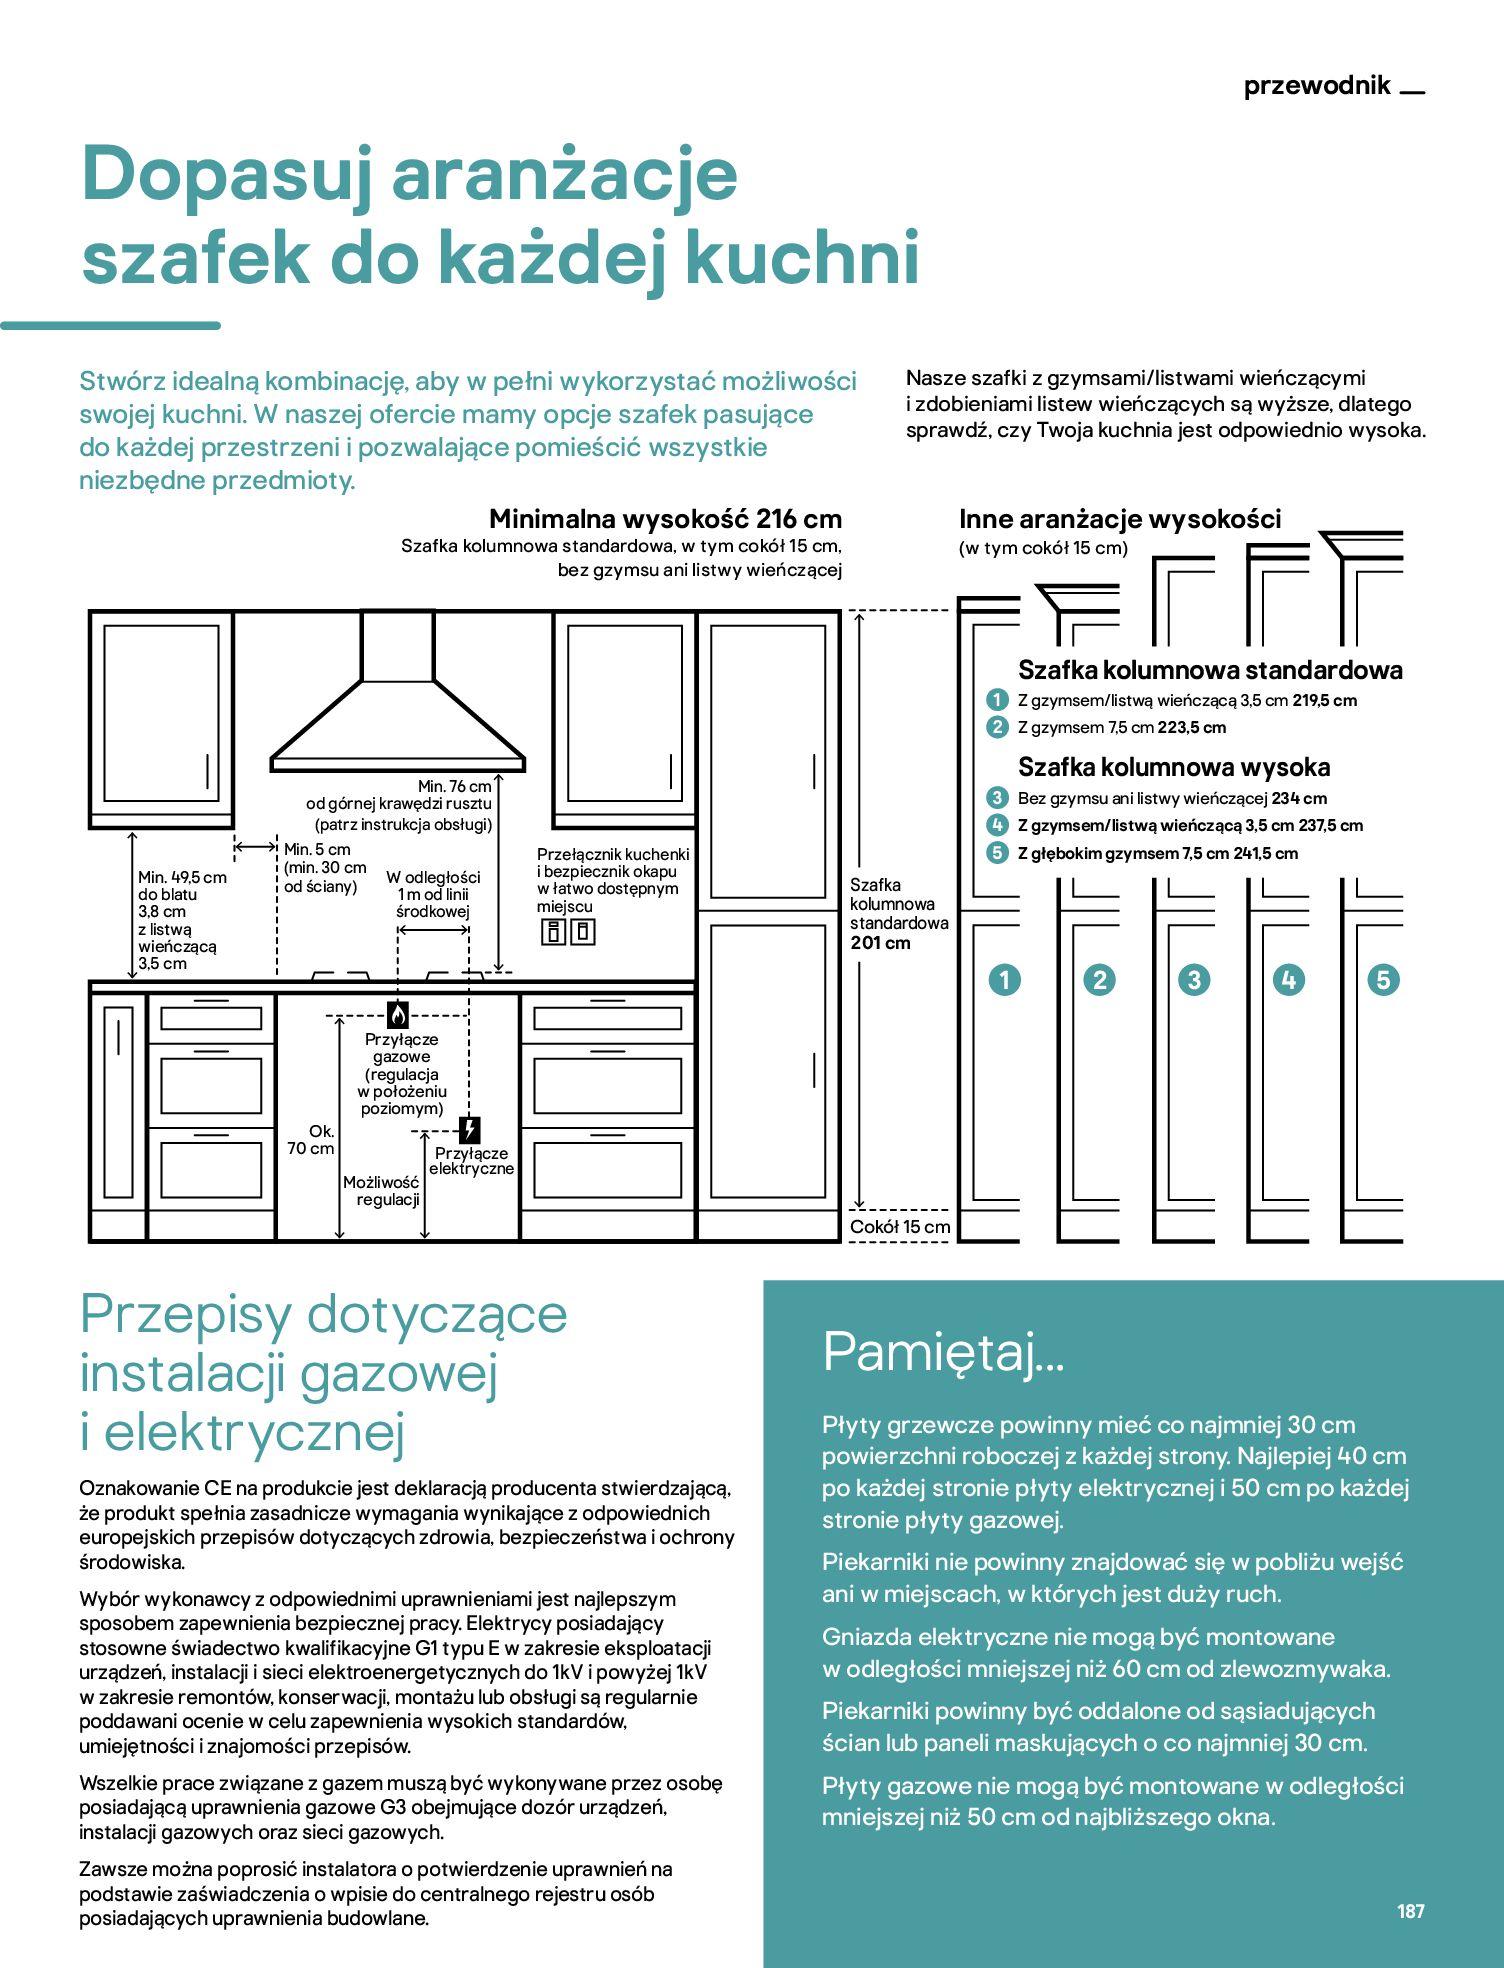 Gazetka Castorama: Katalog kuchnie 2021 2021-05-04 page-187